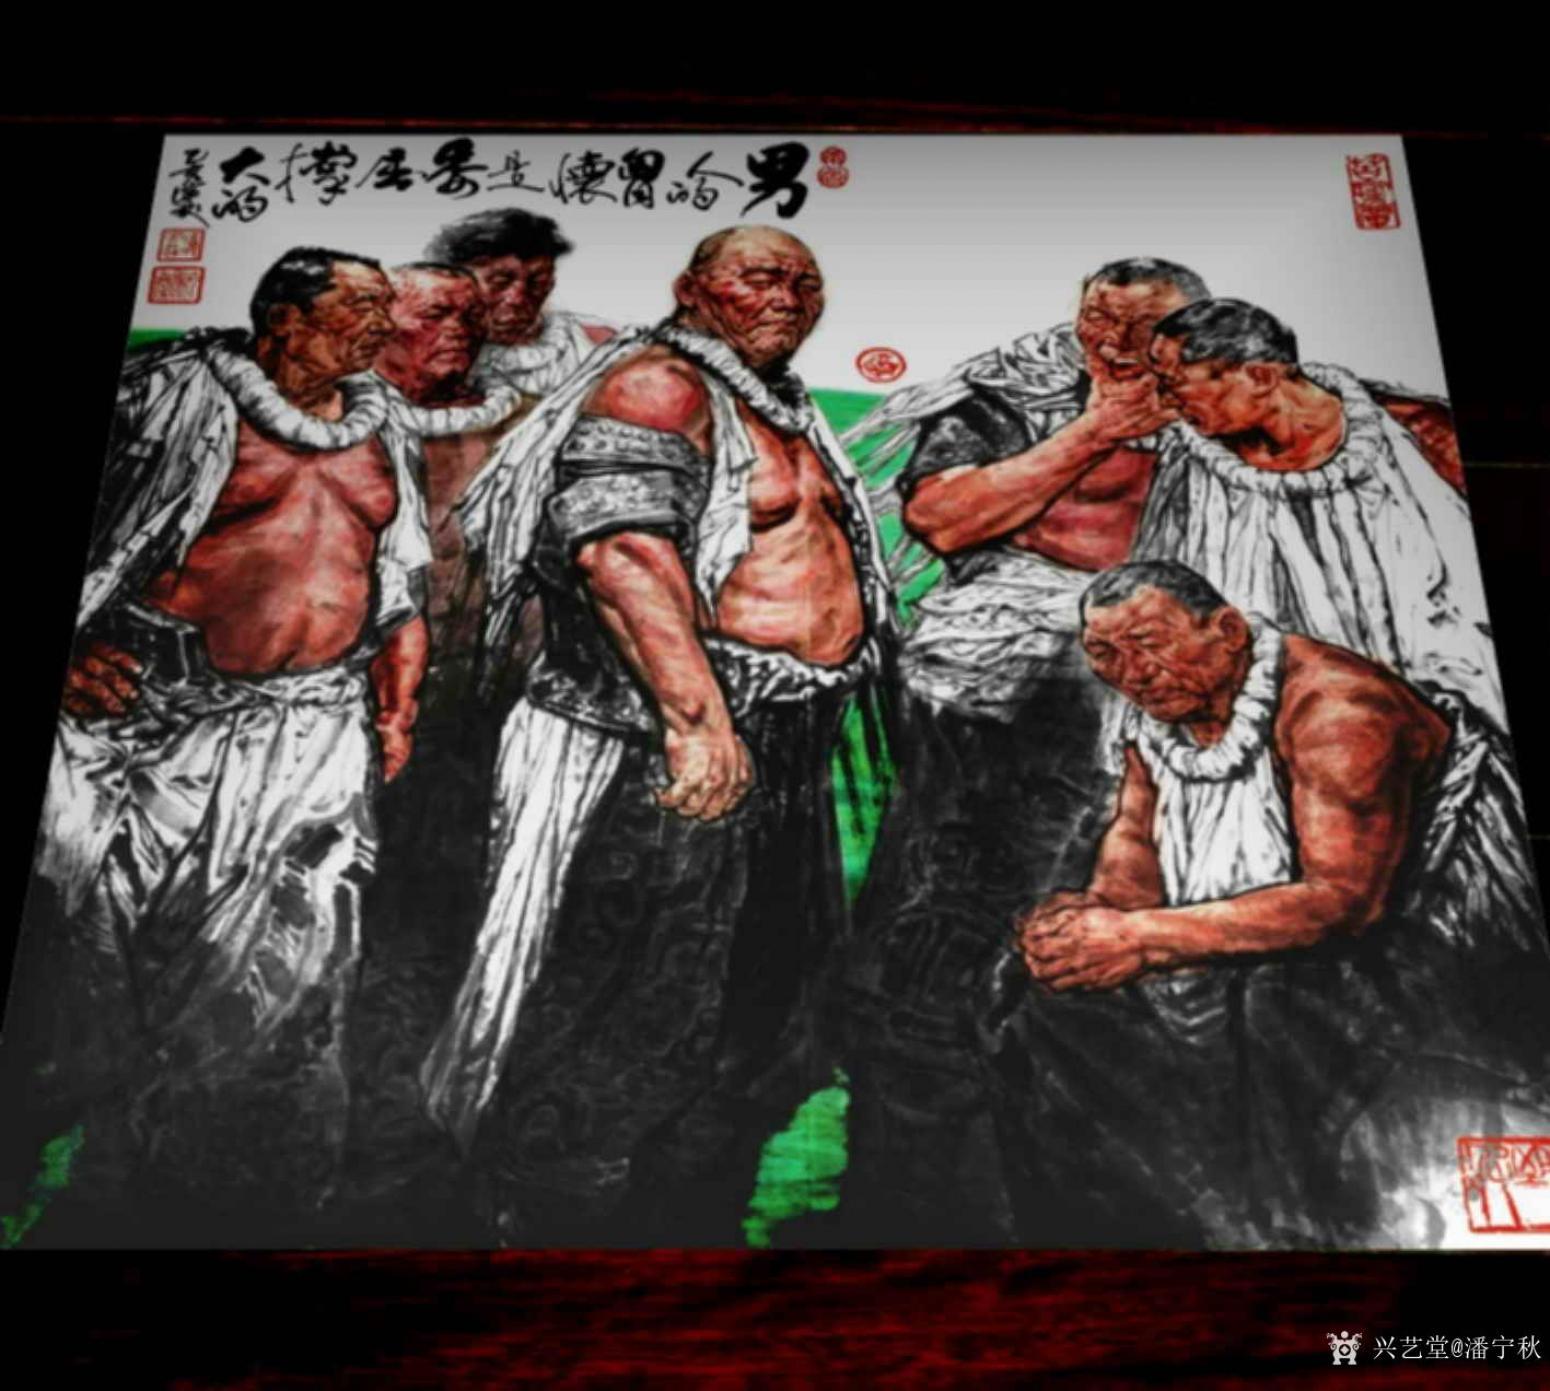 潘宁秋国画作品《男人的胸怀》【图1】